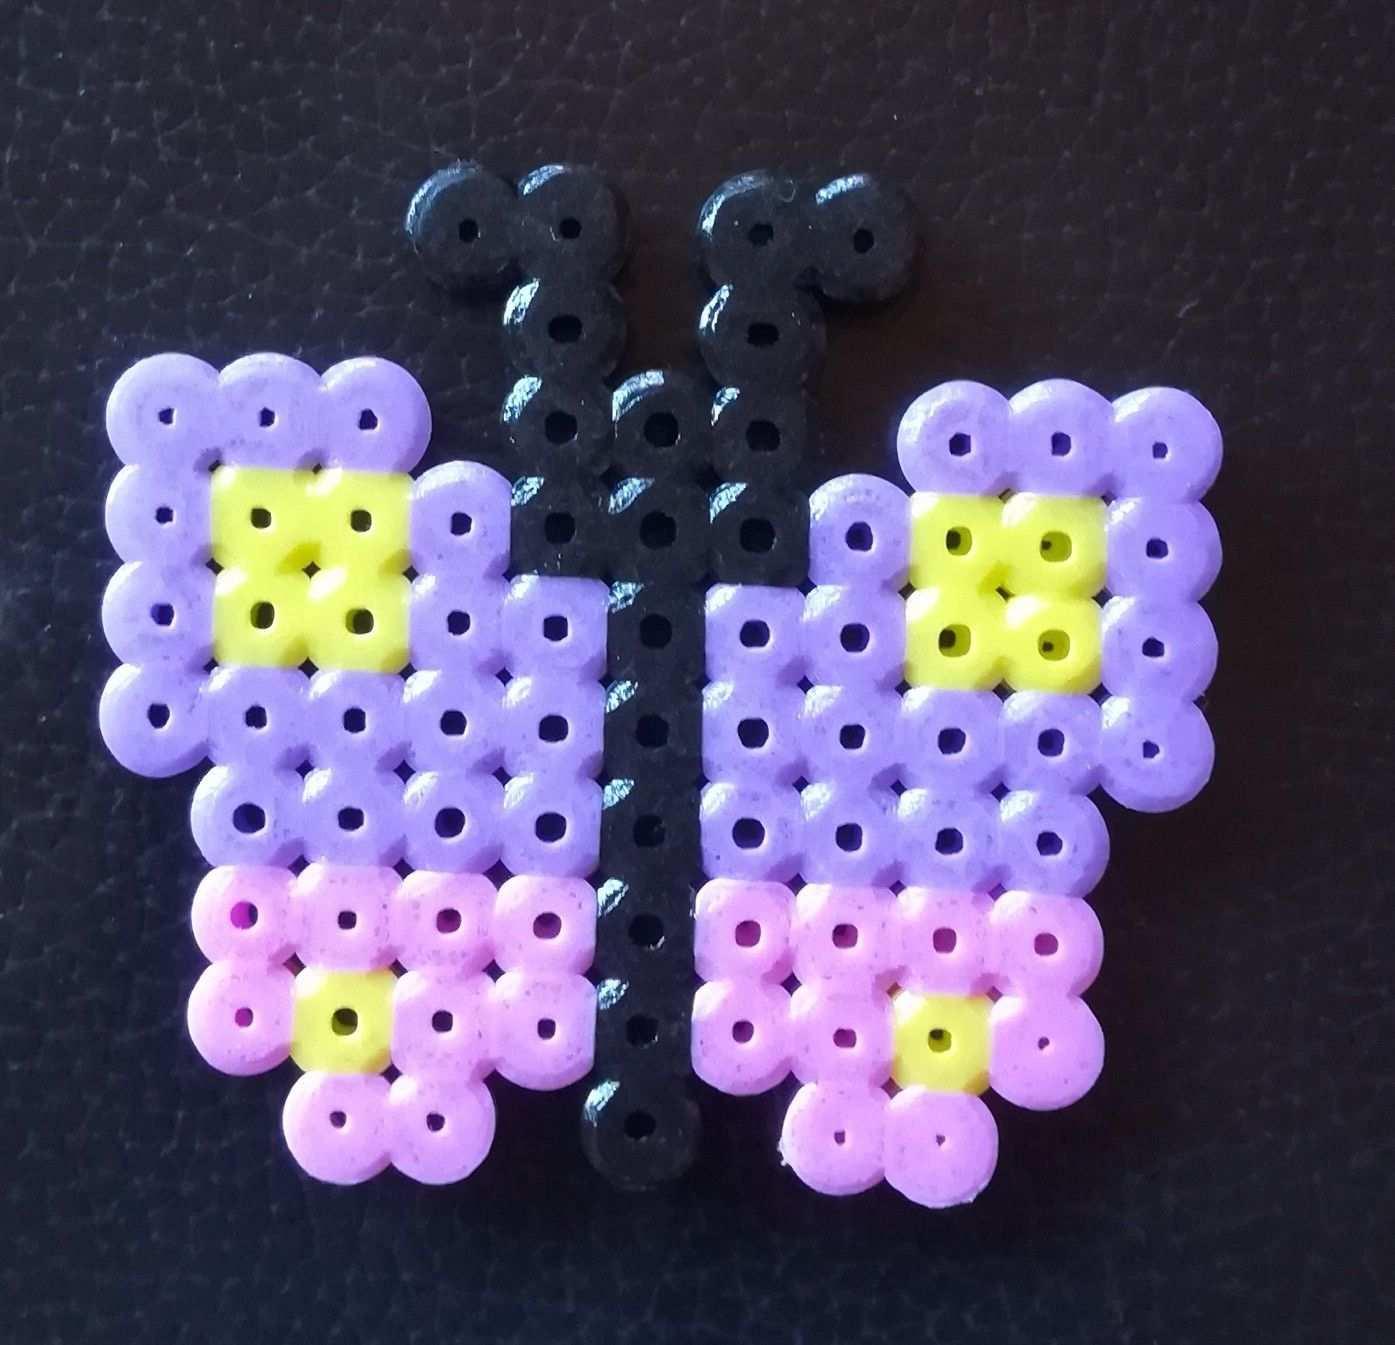 Steckperlen Schmetterling Steckperlen Bugelperlen Basteln Mit Kindern